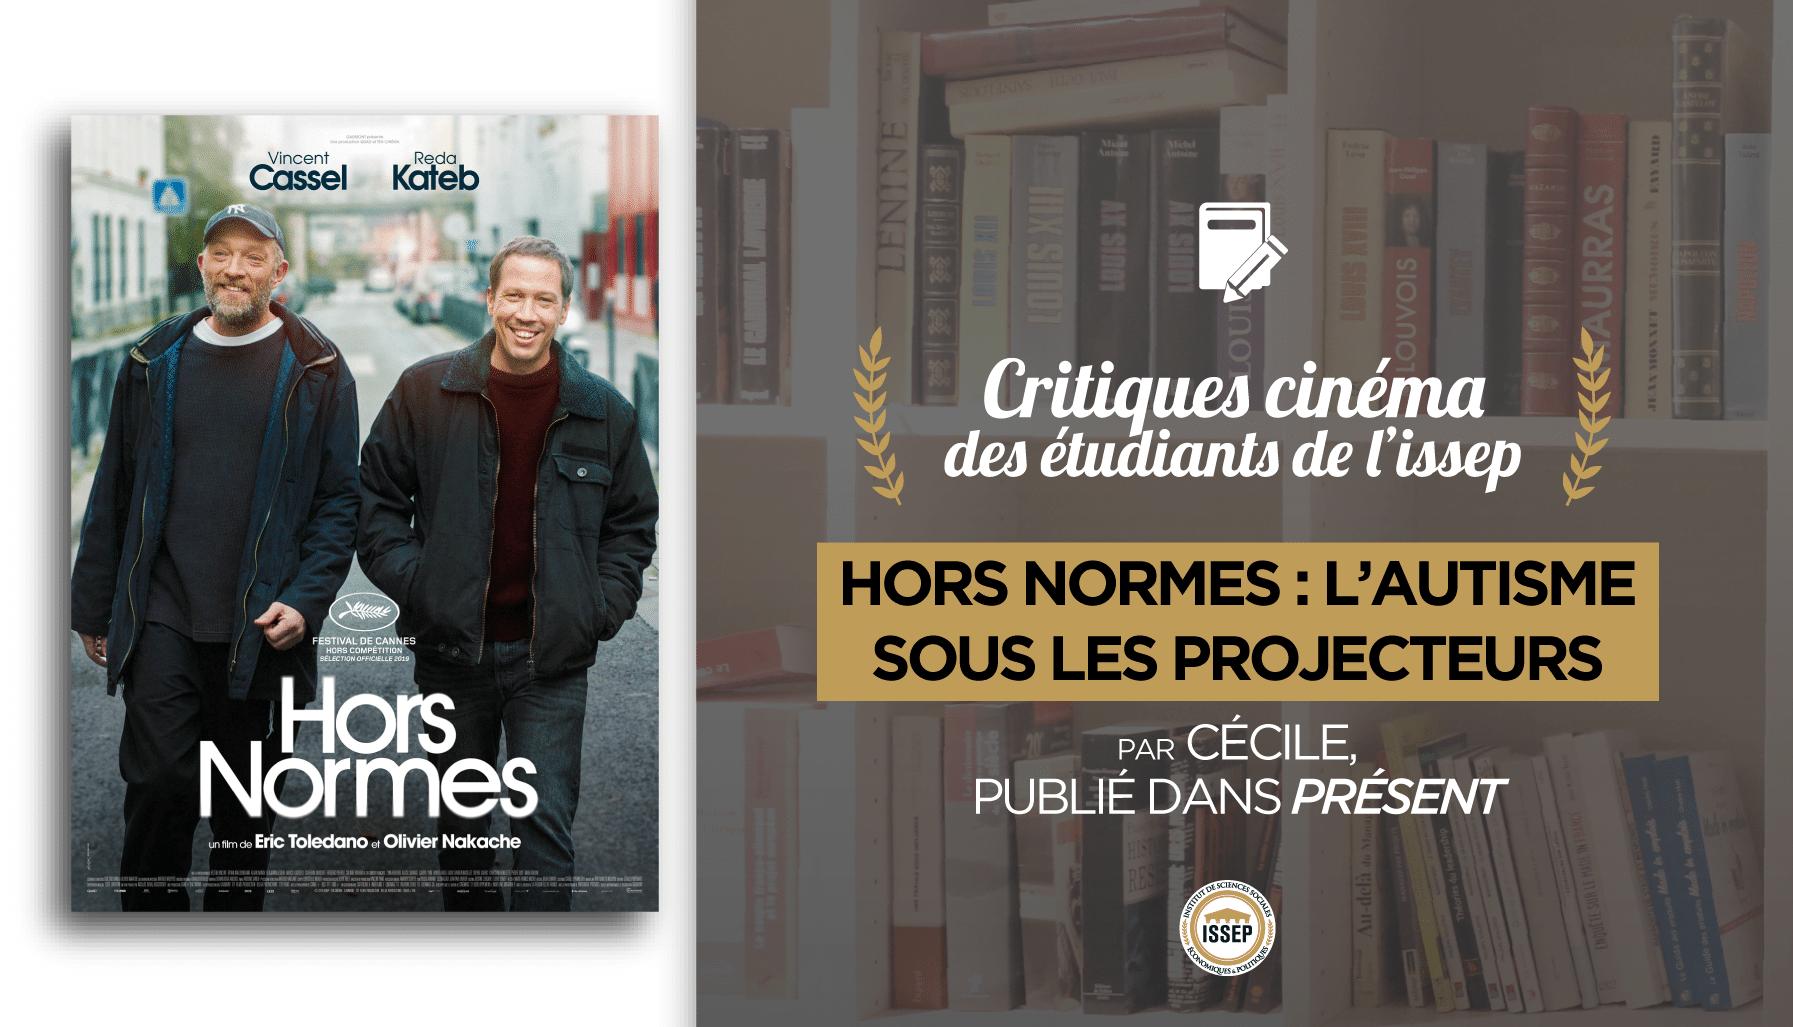 Critique cinéma de Hors Normes, par Cécile, étudiante à l'ISSEP, publiée dans Présent